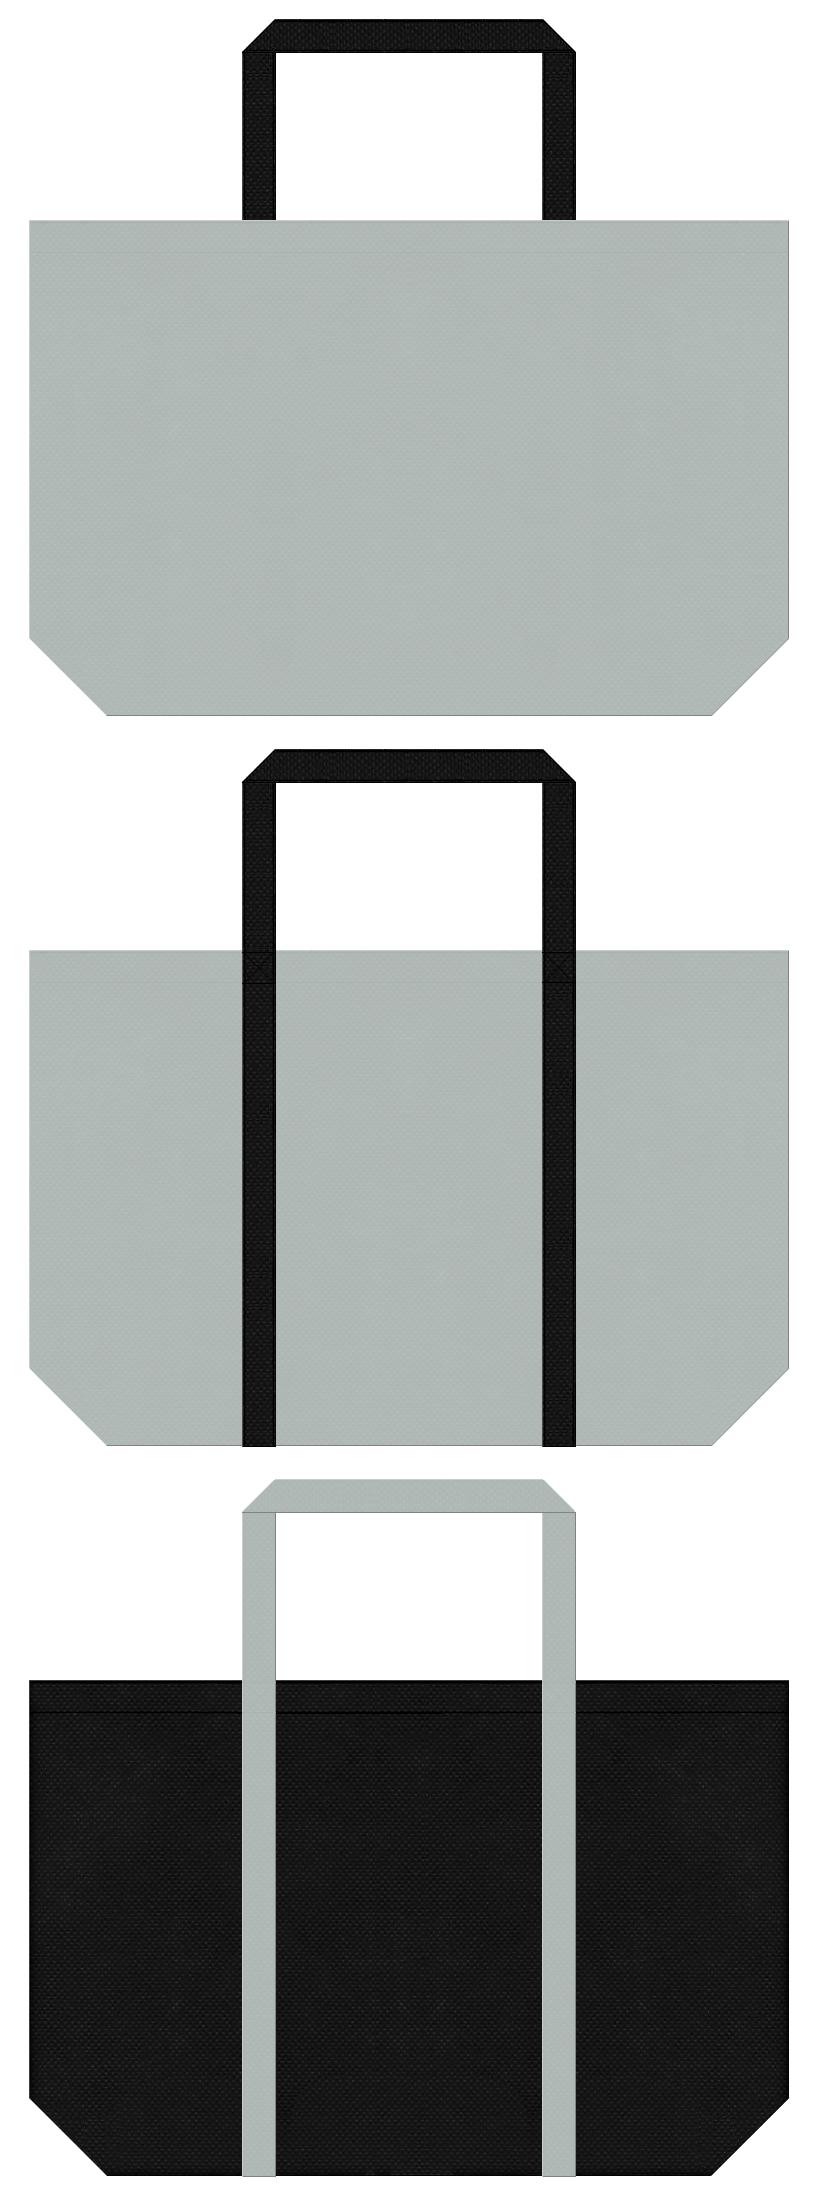 グレー色と黒色の不織布エコバッグのデザイン。タイヤとホイールの配色です。